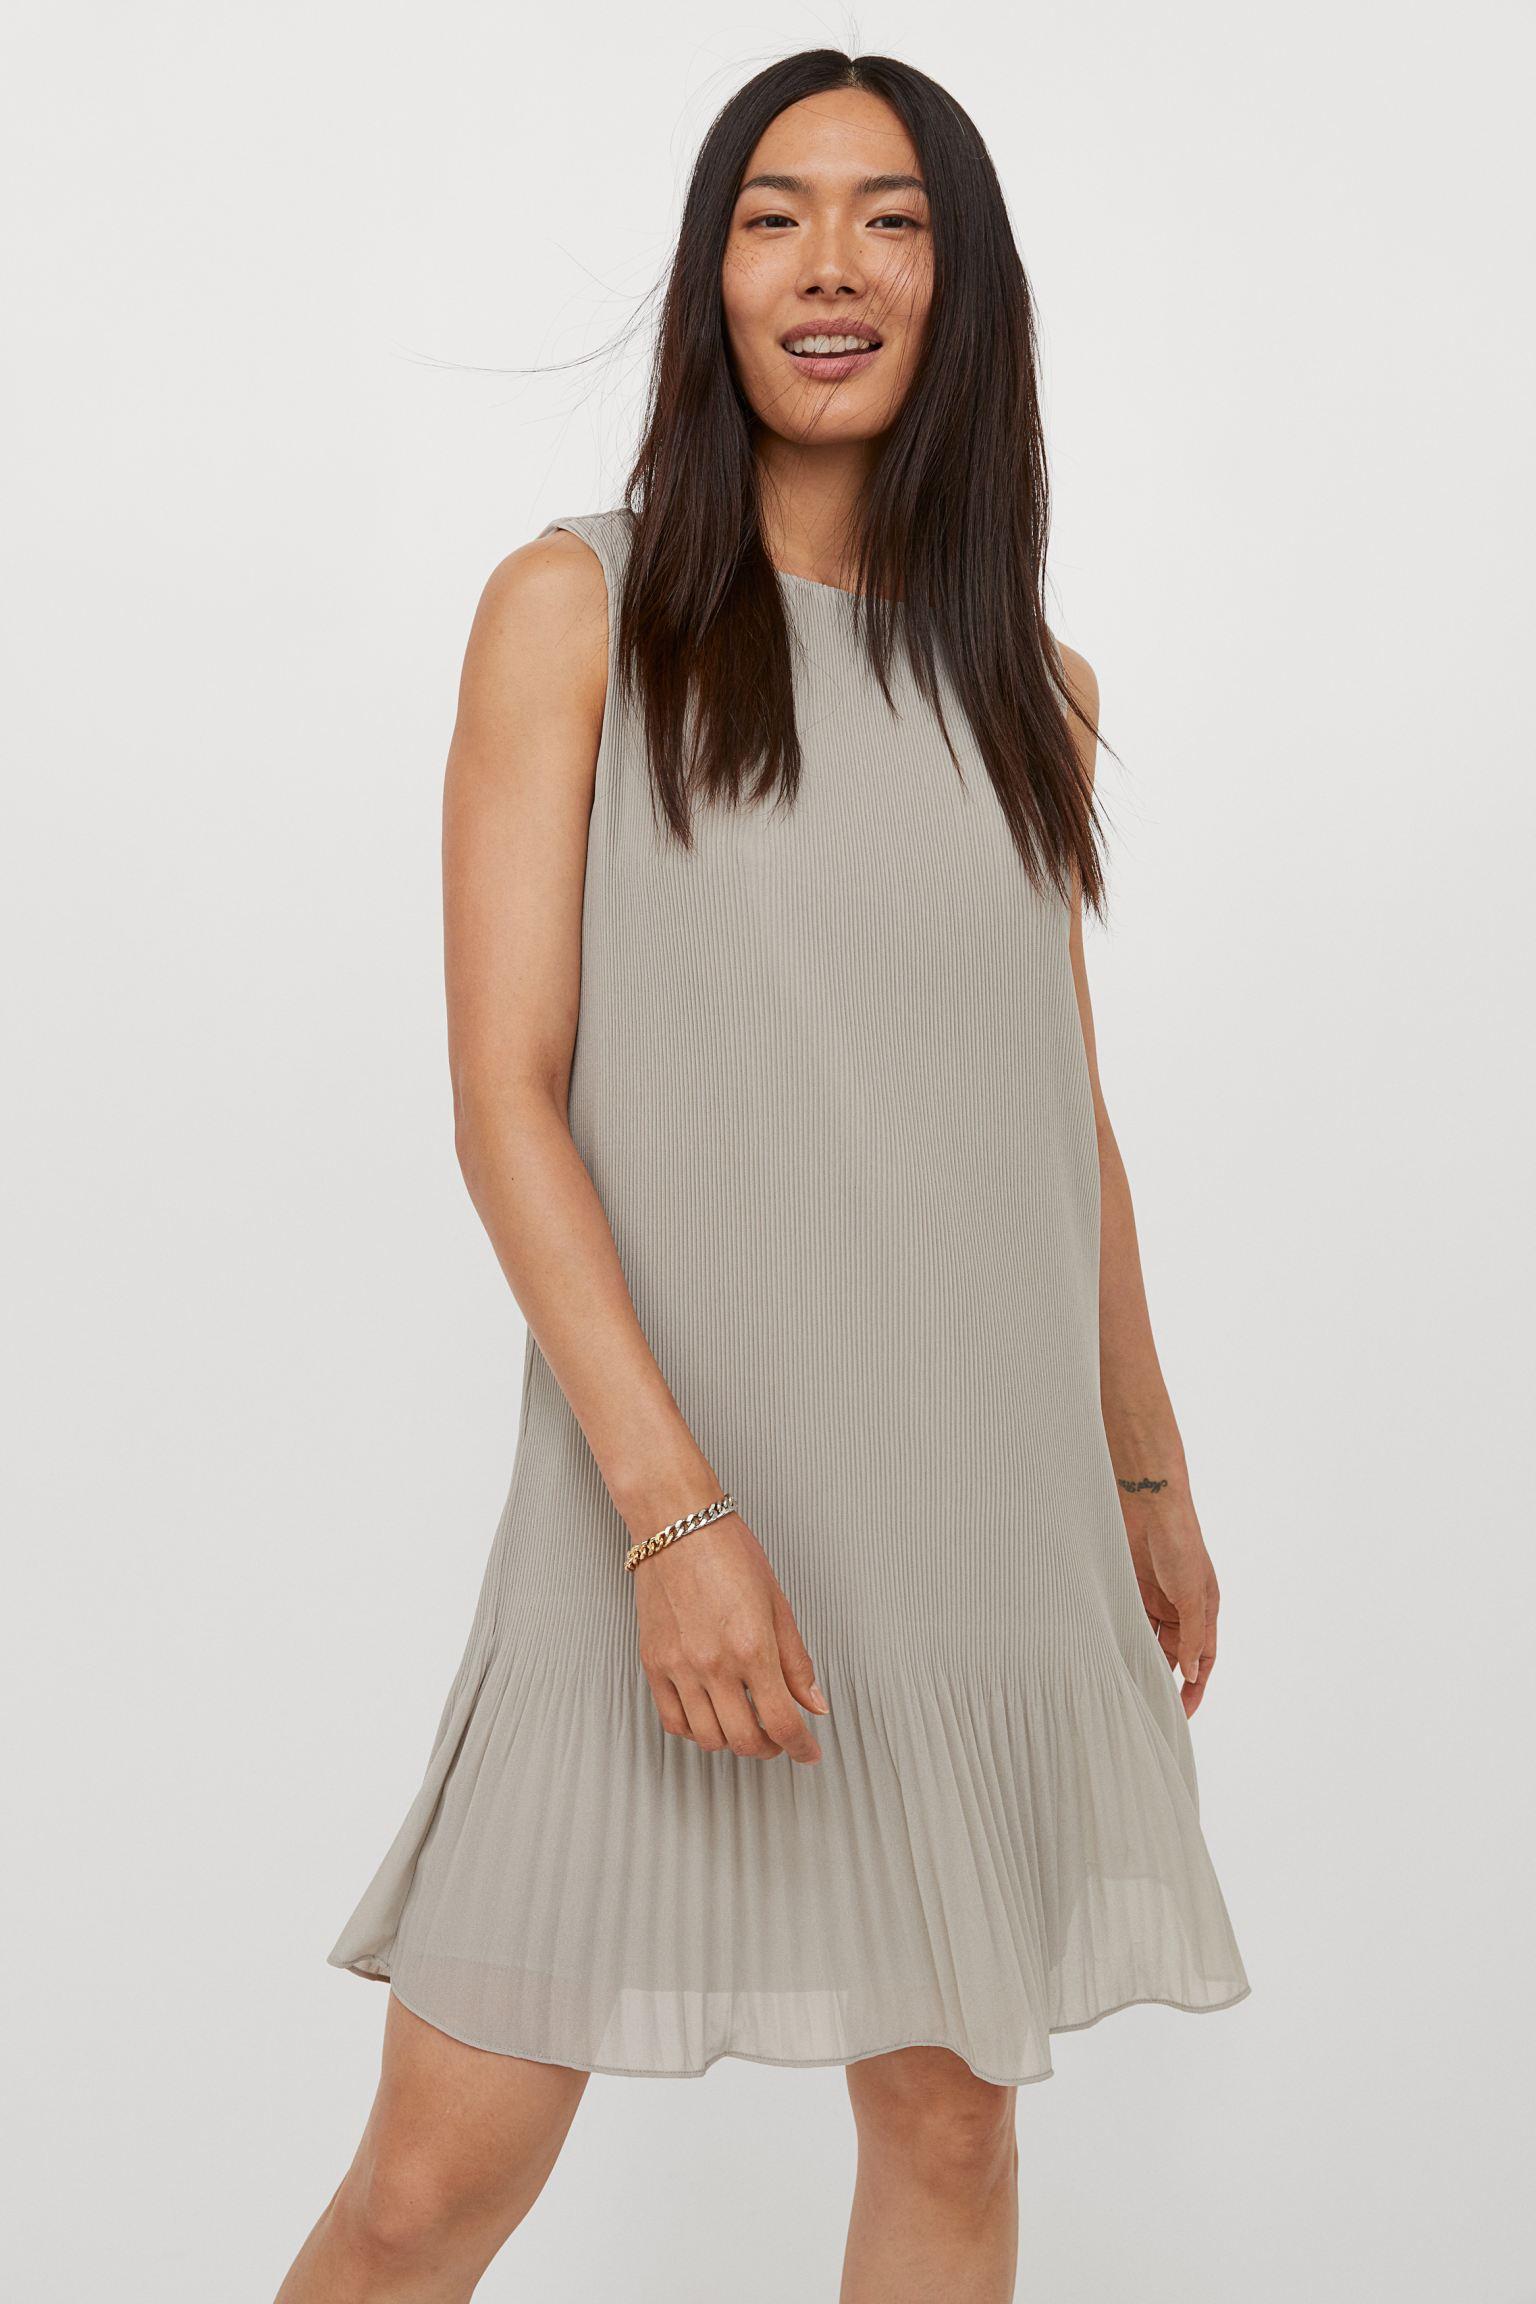 Vestido corto sin mangas en gasa plisada vaporosa